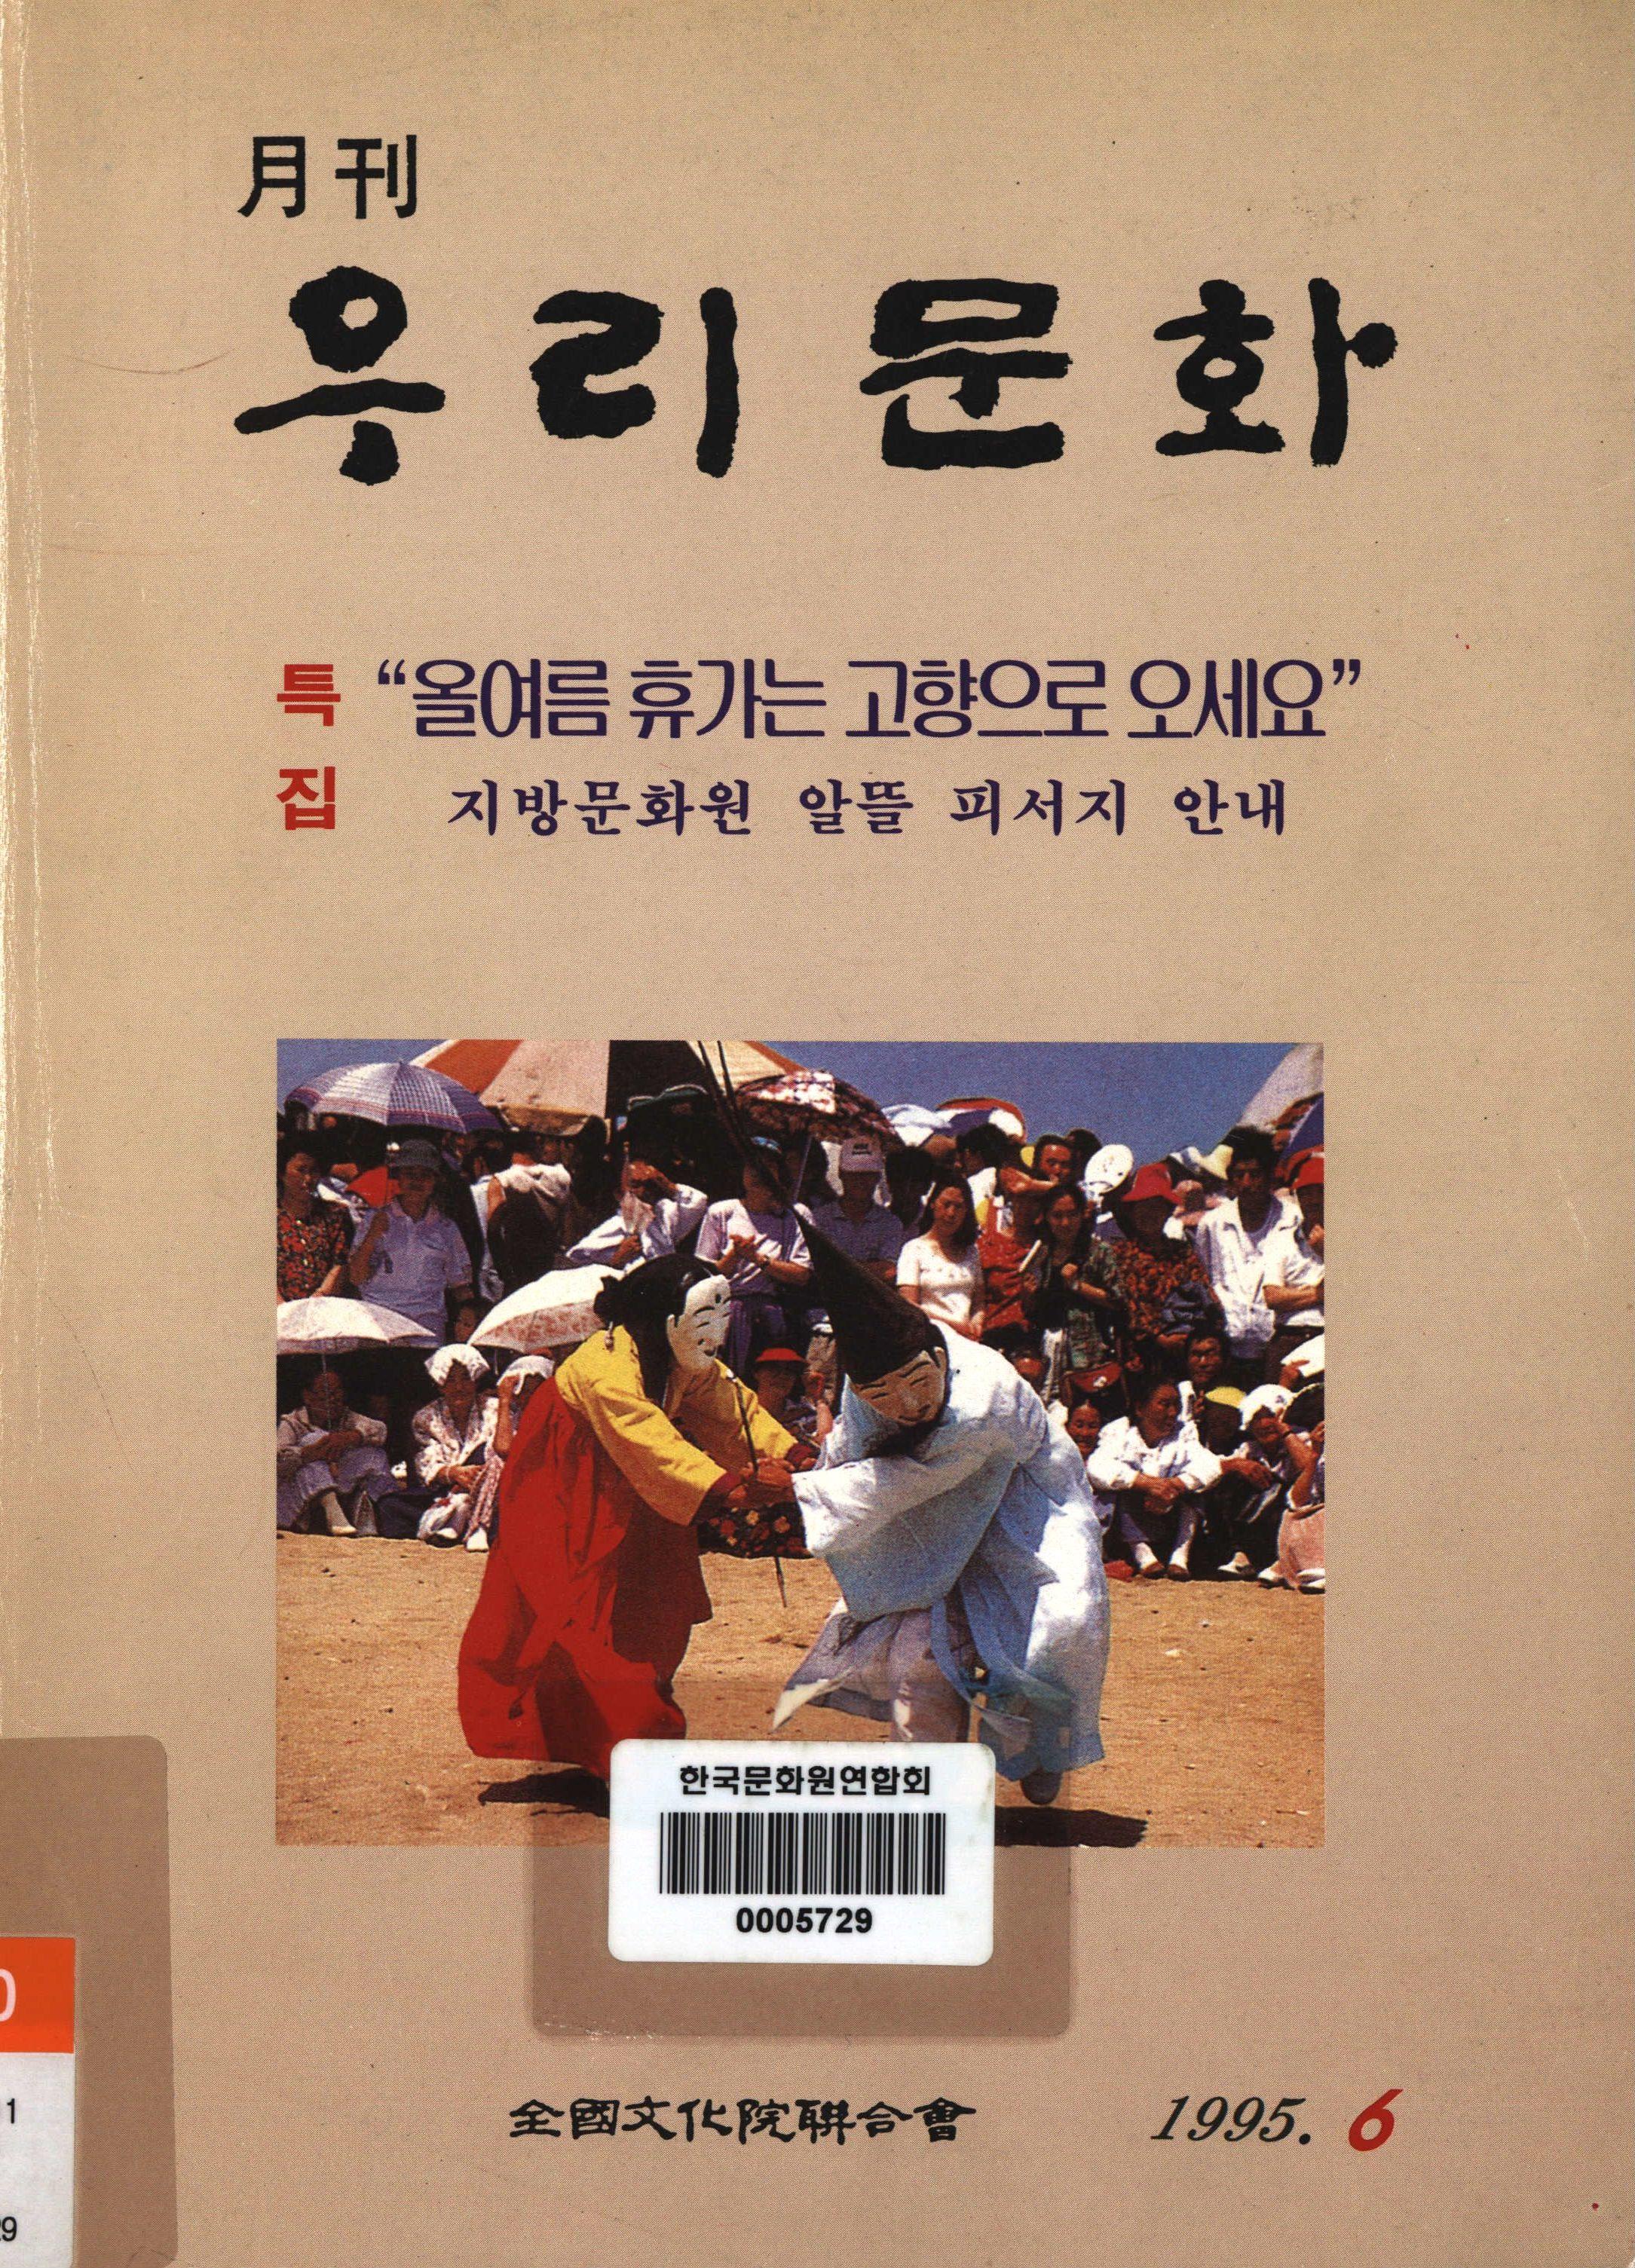 월간우리문화 1995년 6월호 통권 제80호